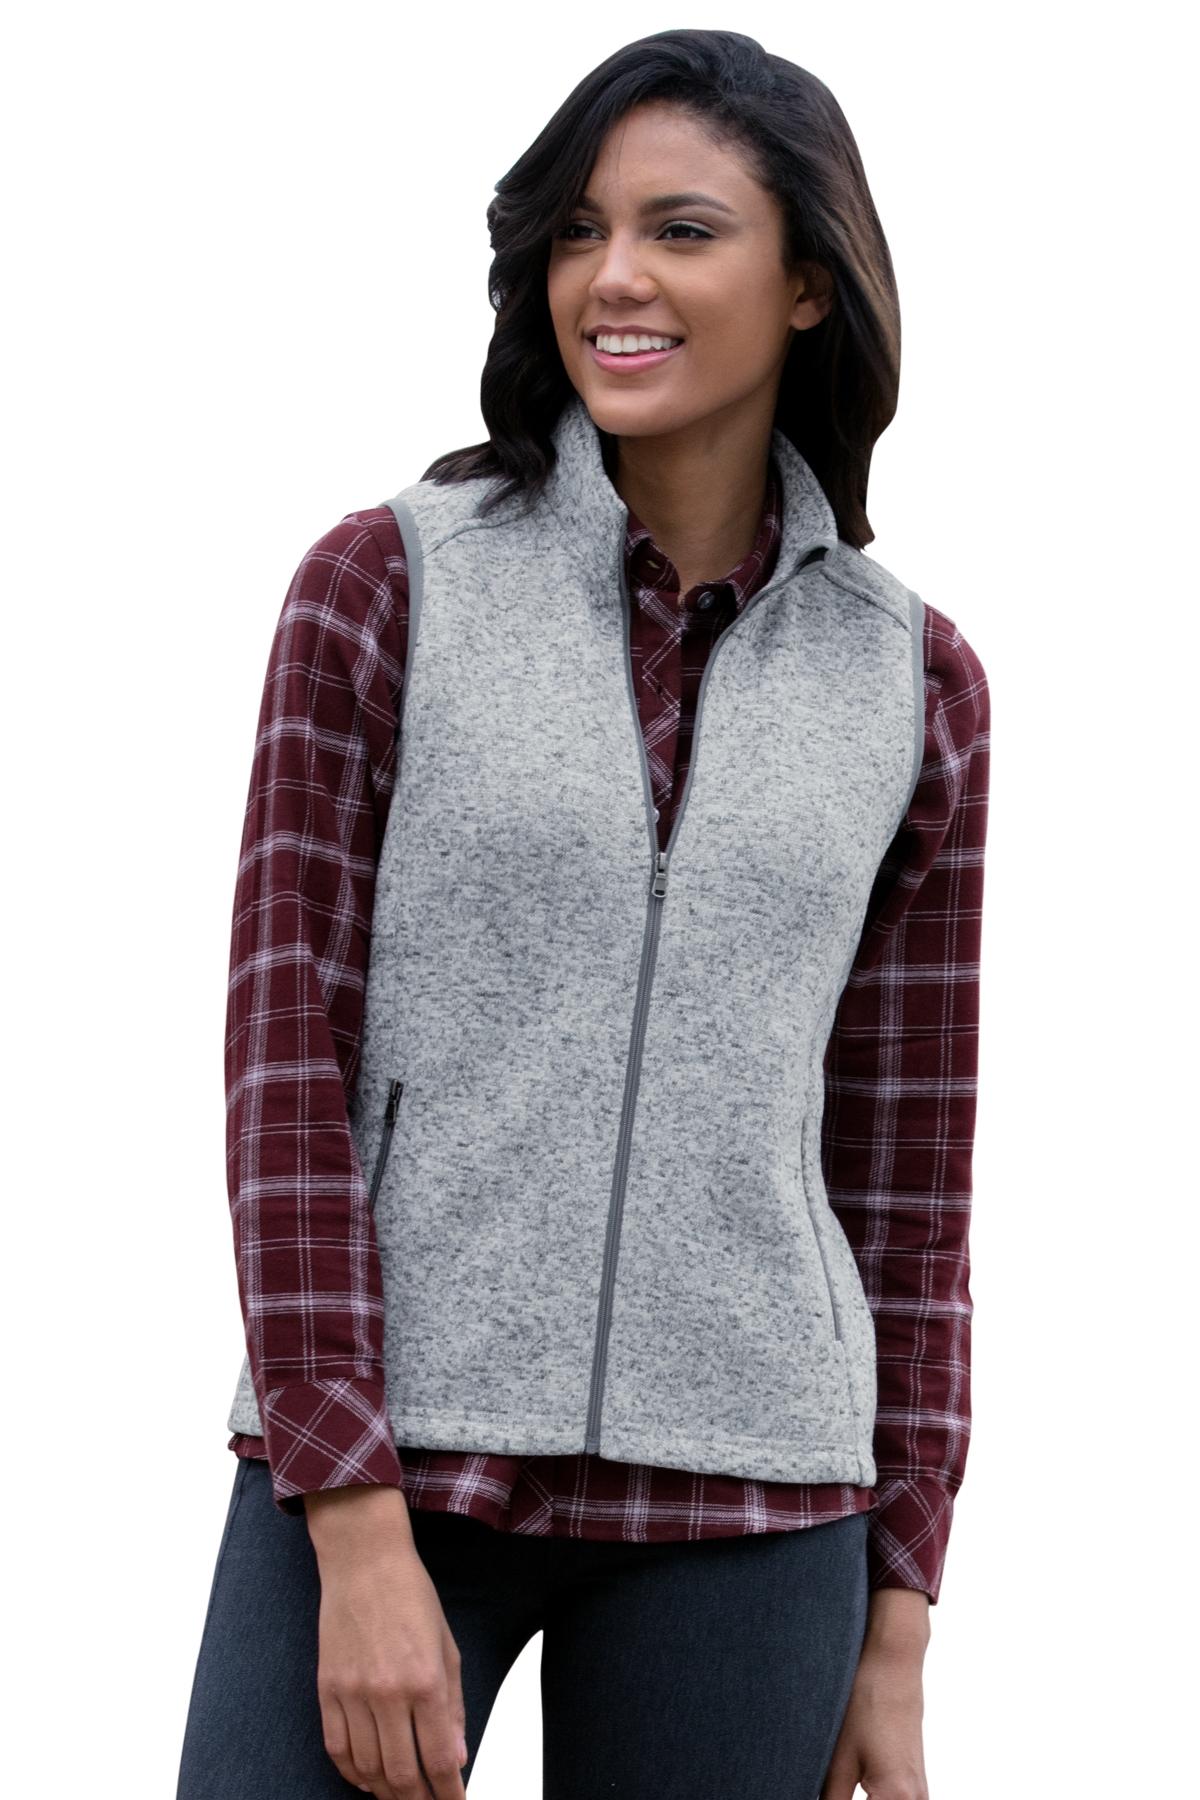 Vantage 3308 - Women's Summit Sweater-Fleece Vest